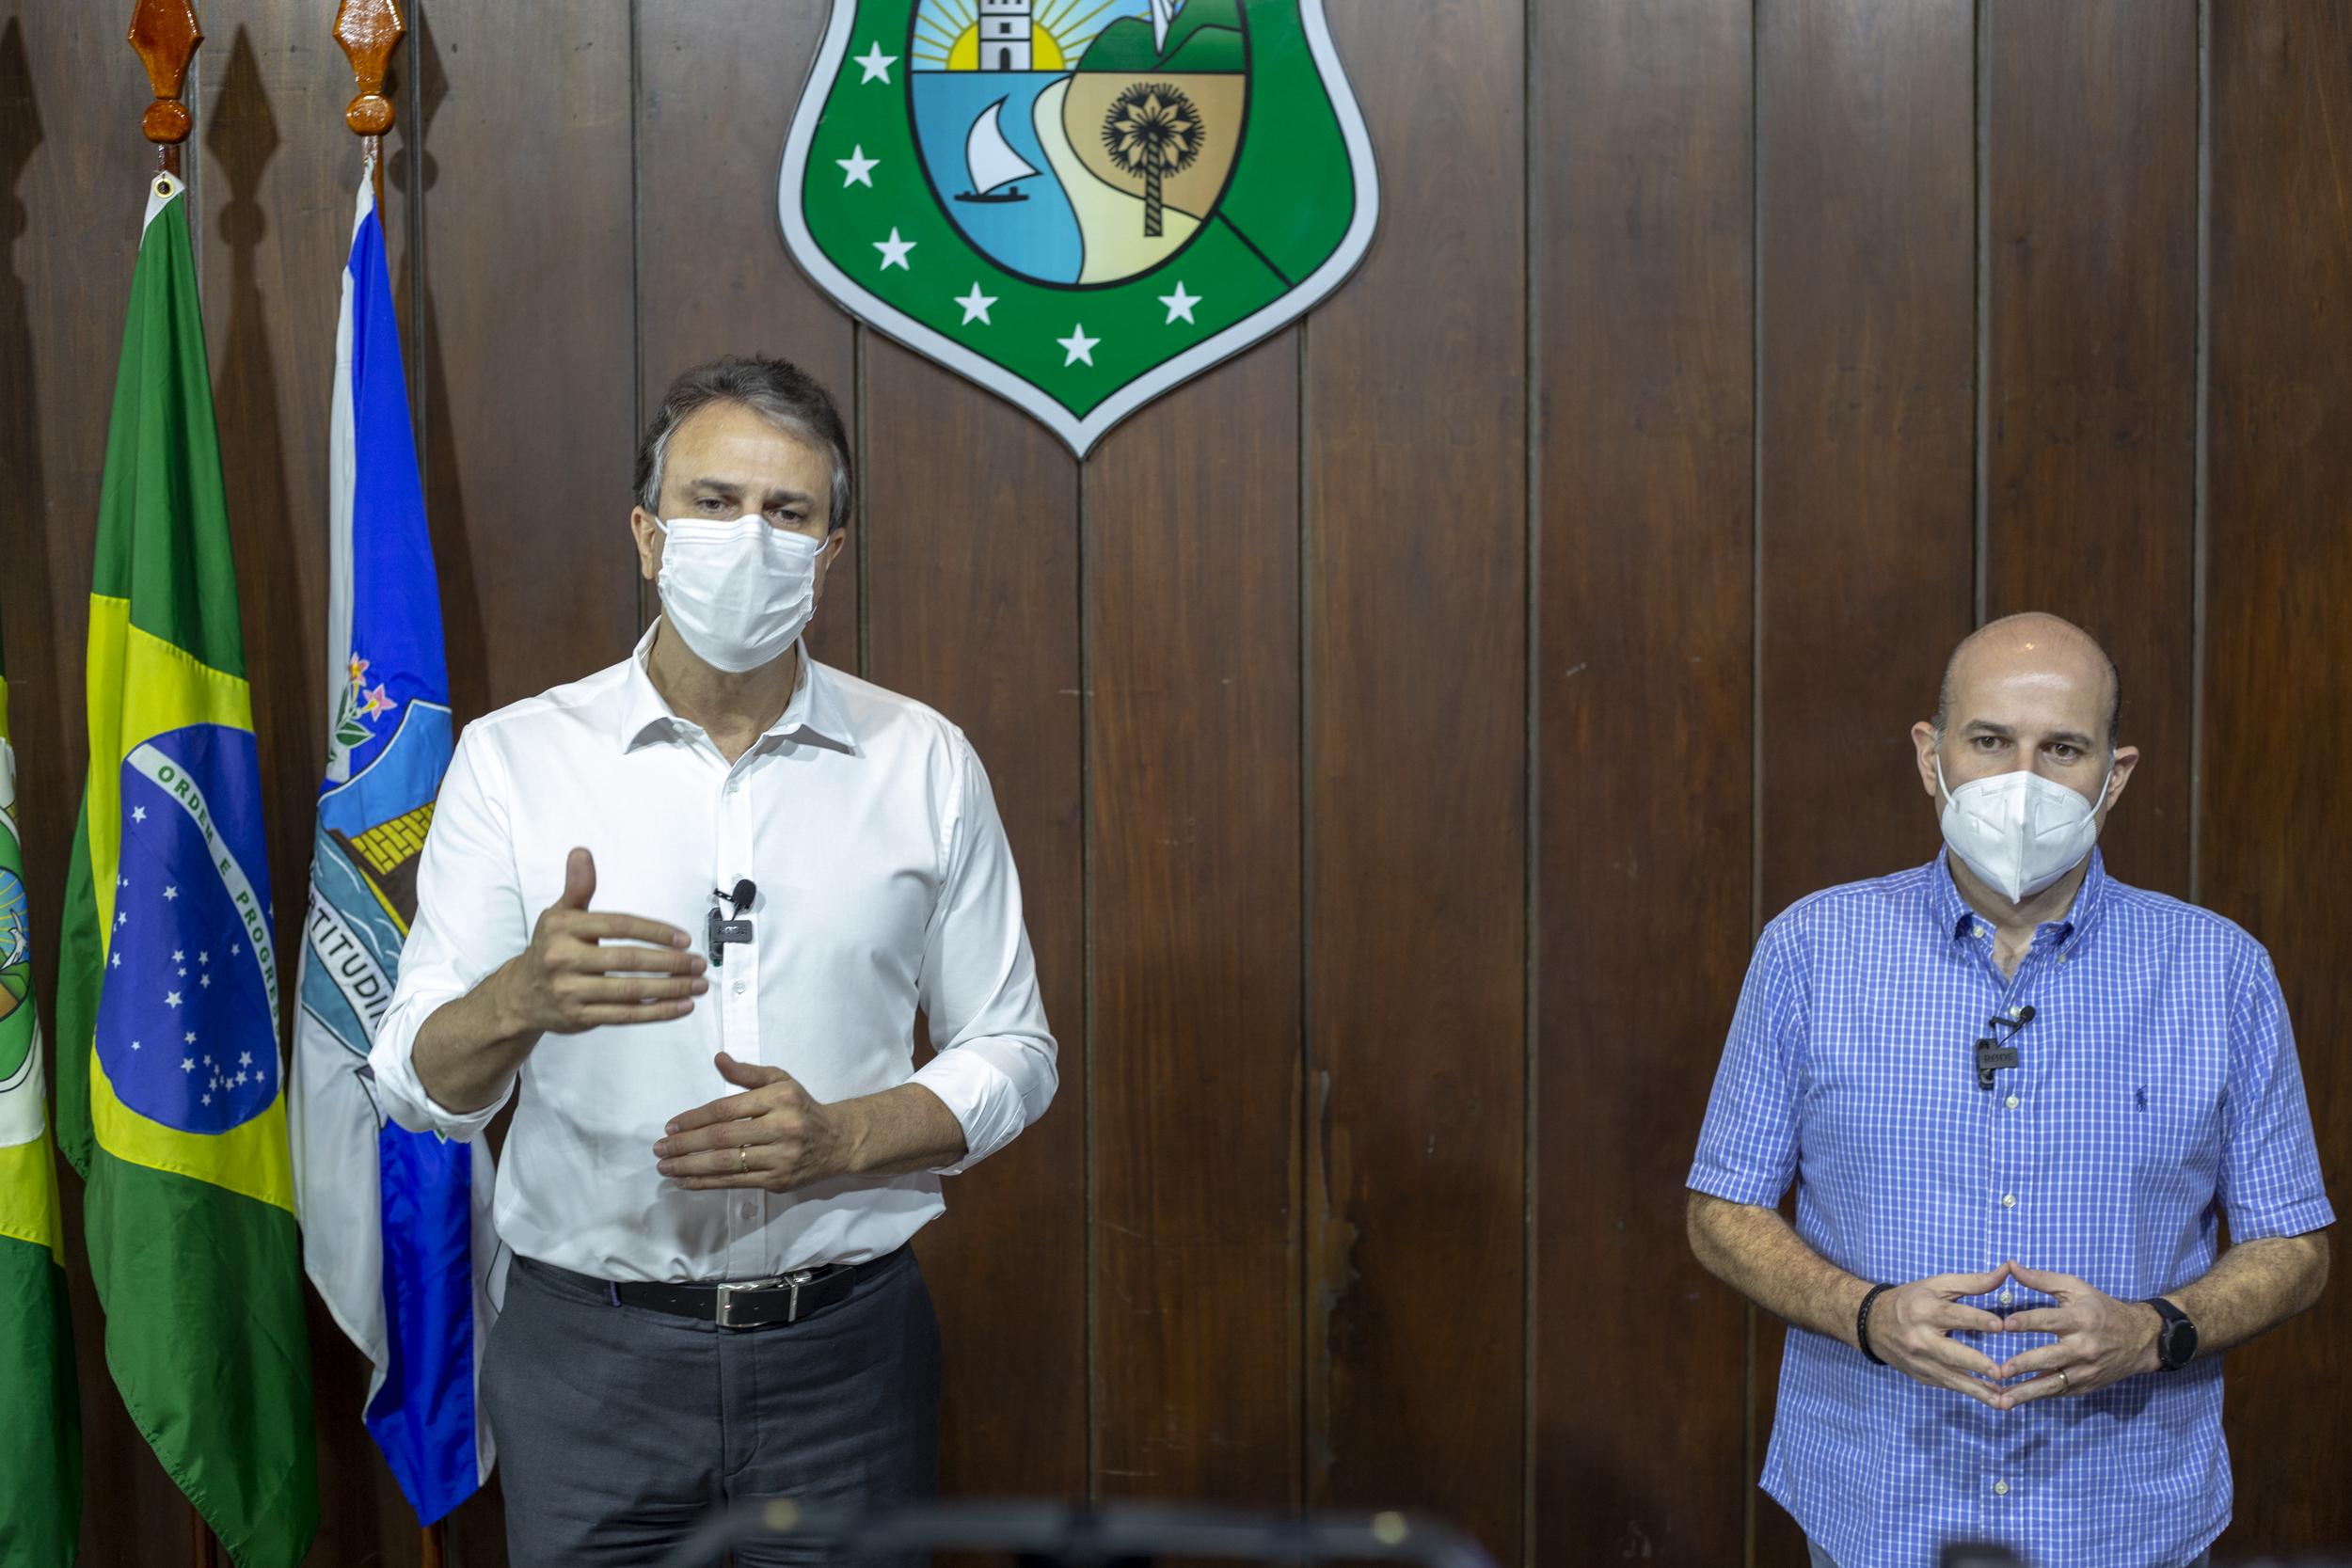 Governo do Ceará renova decreto de isolamento social; futebol profissional e barracas de praia podem retornar às atividades